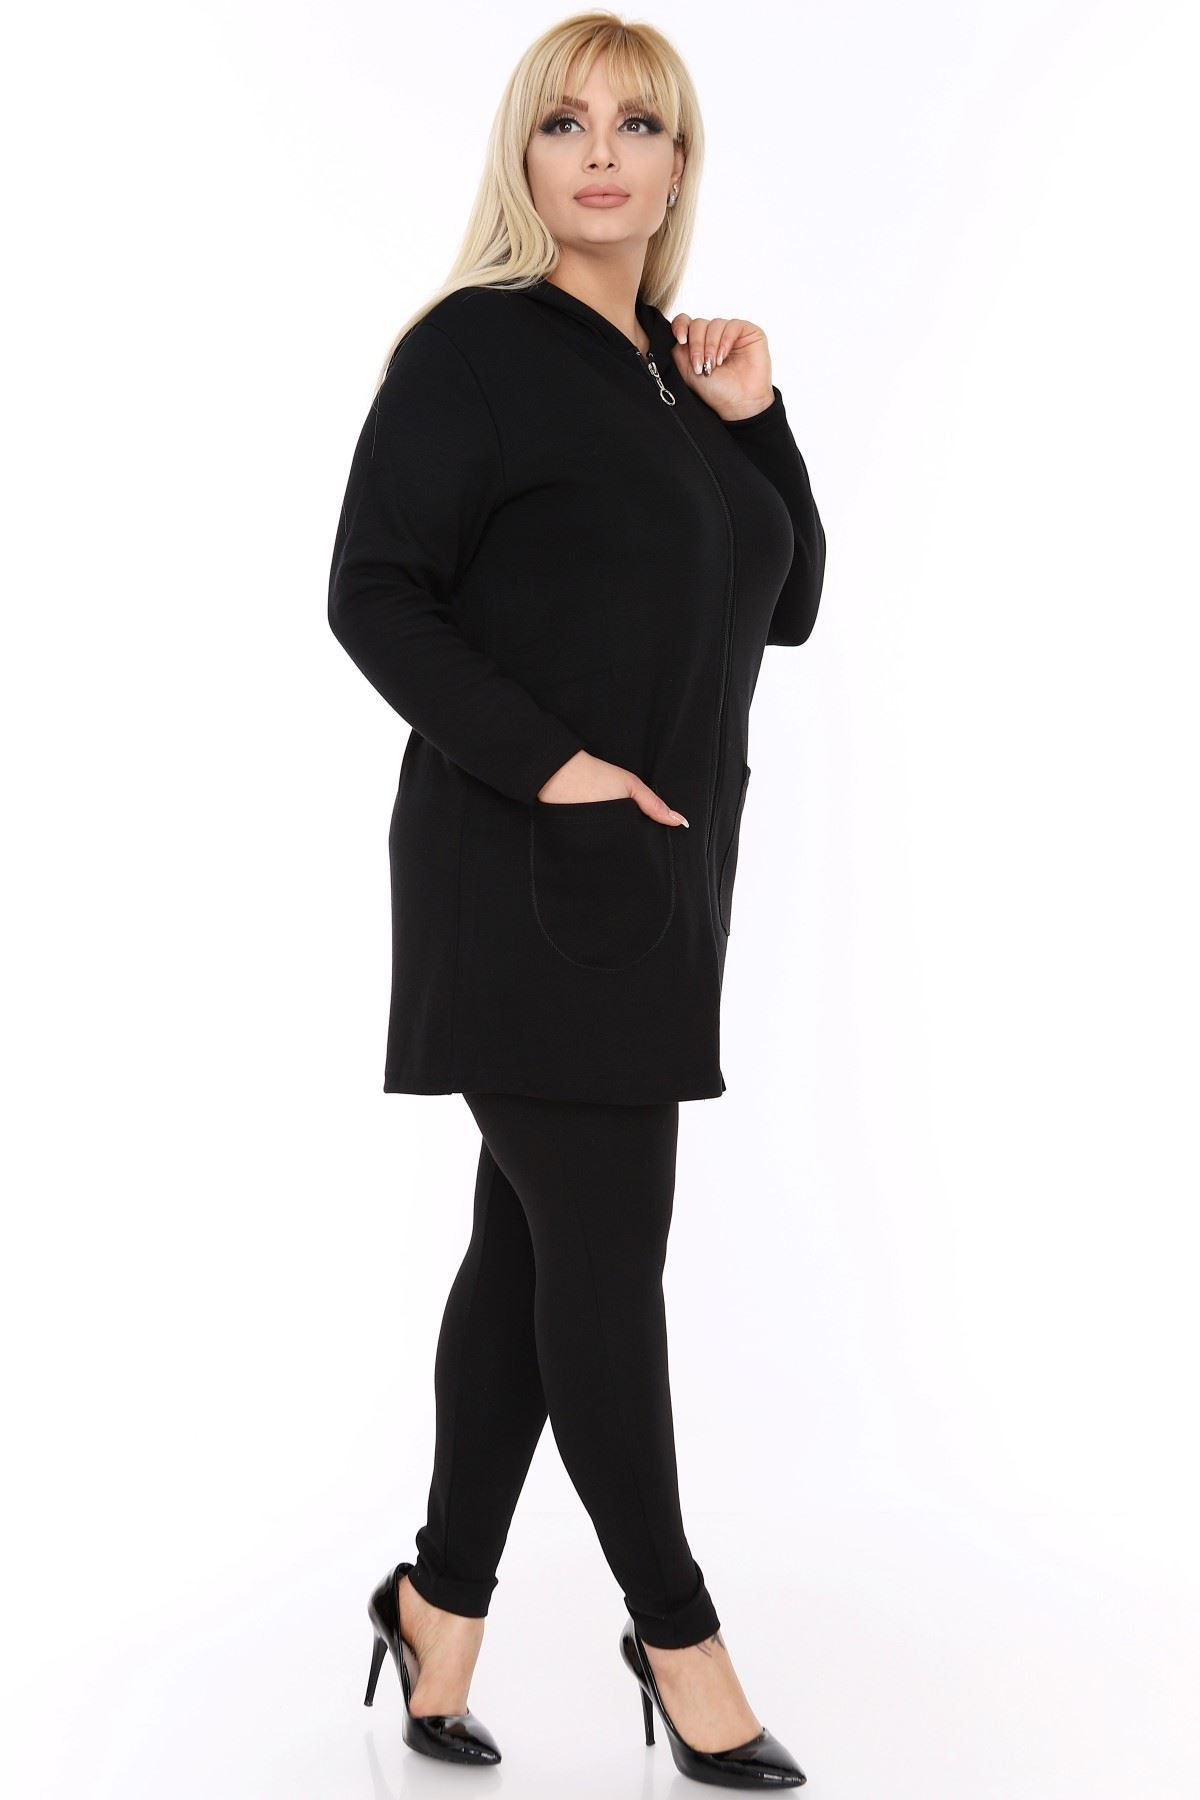 Siyah Büyük Beden Sweatshirt 2F-0428